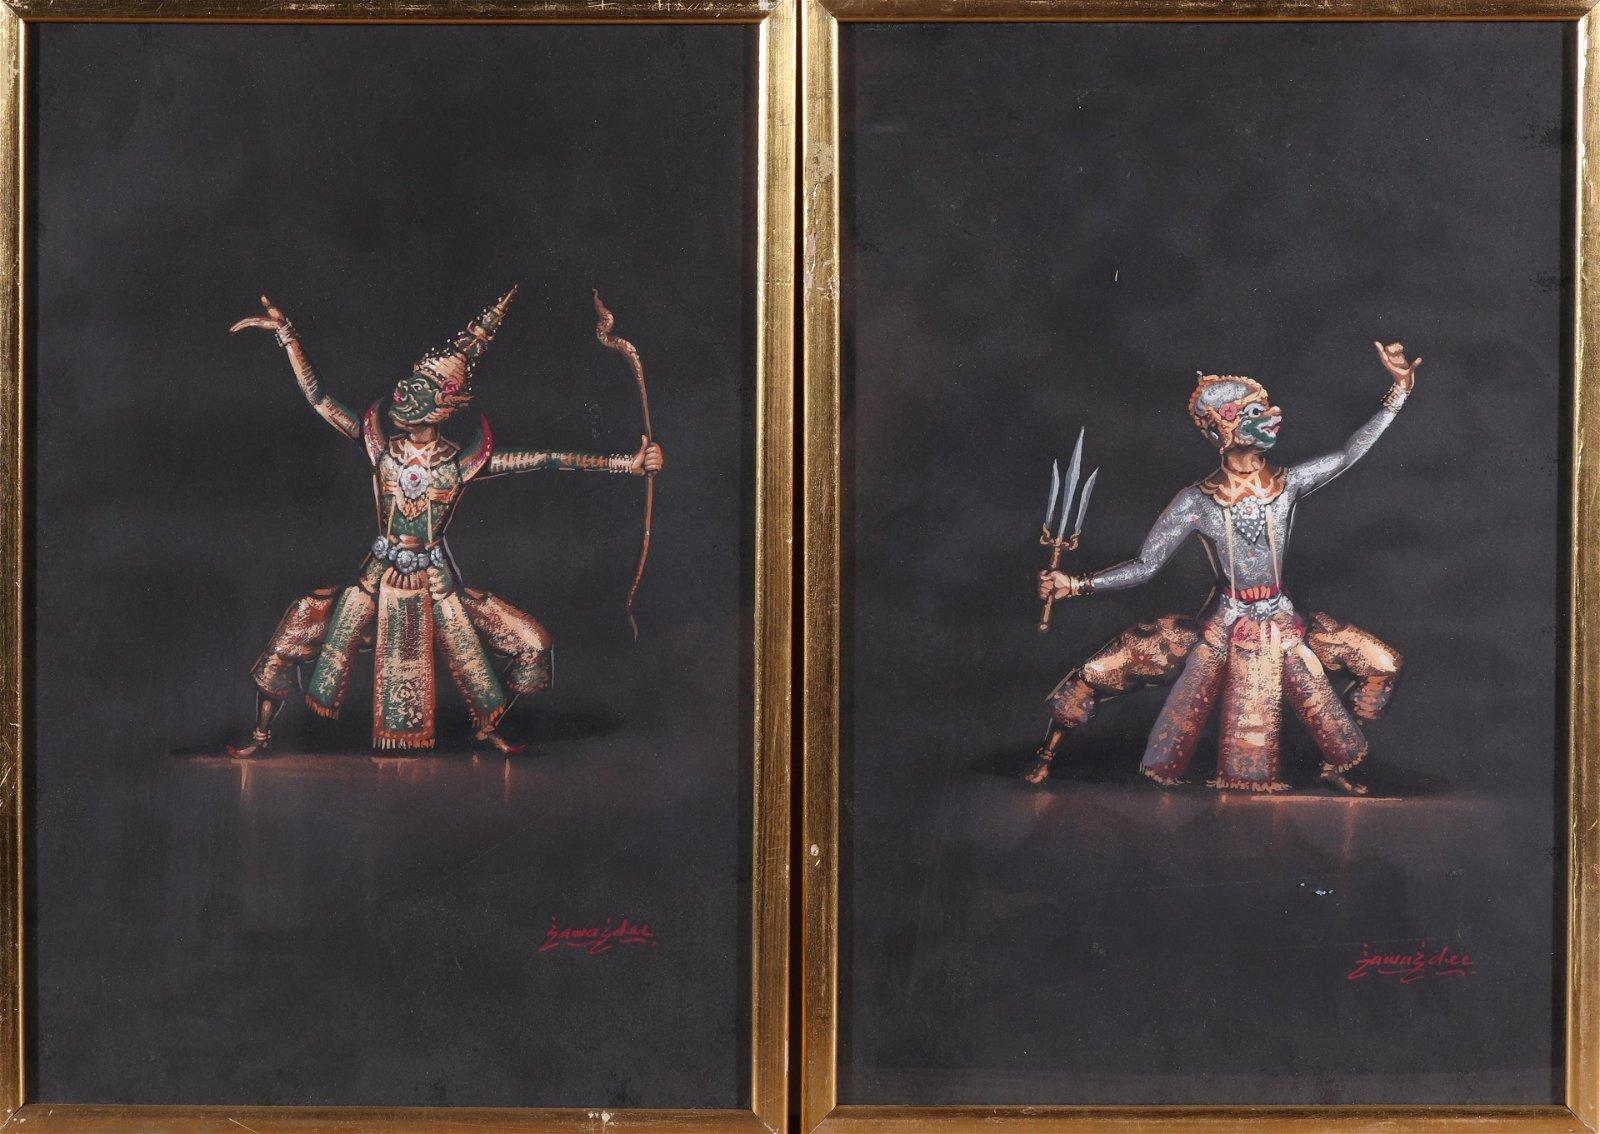 Signed Sawasdee, Thai-Dancers, Watercolor, Pair